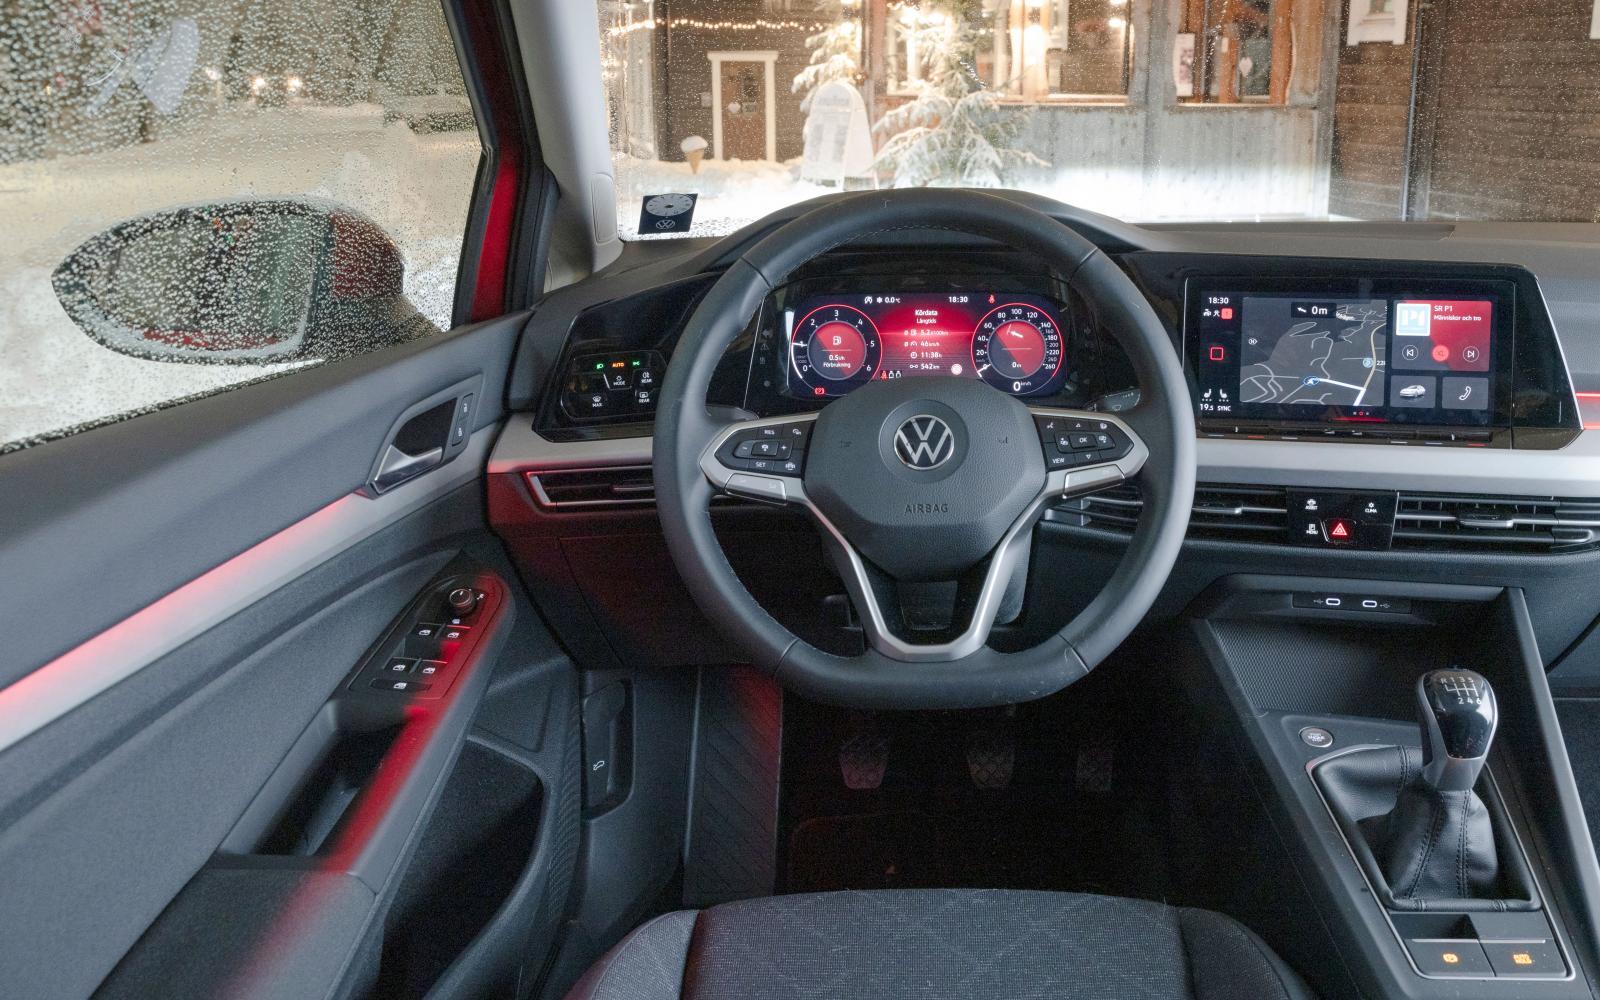 Volkswagen: Klanderfri sittkomfort. Digital hastighetsmätare med små siffror. Menysystemet är mer intuitivt än i Seat och har några fysiska snabbknappar.